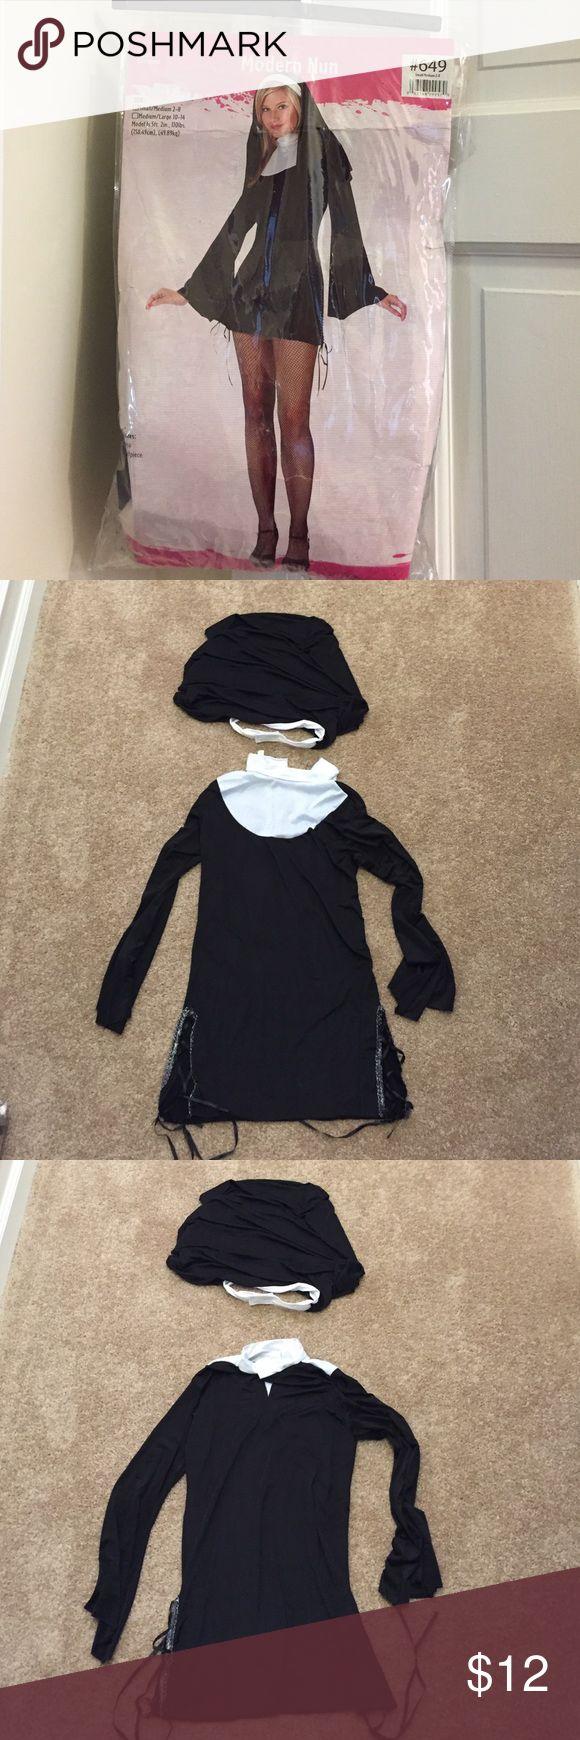 Black dress 2x motorsports